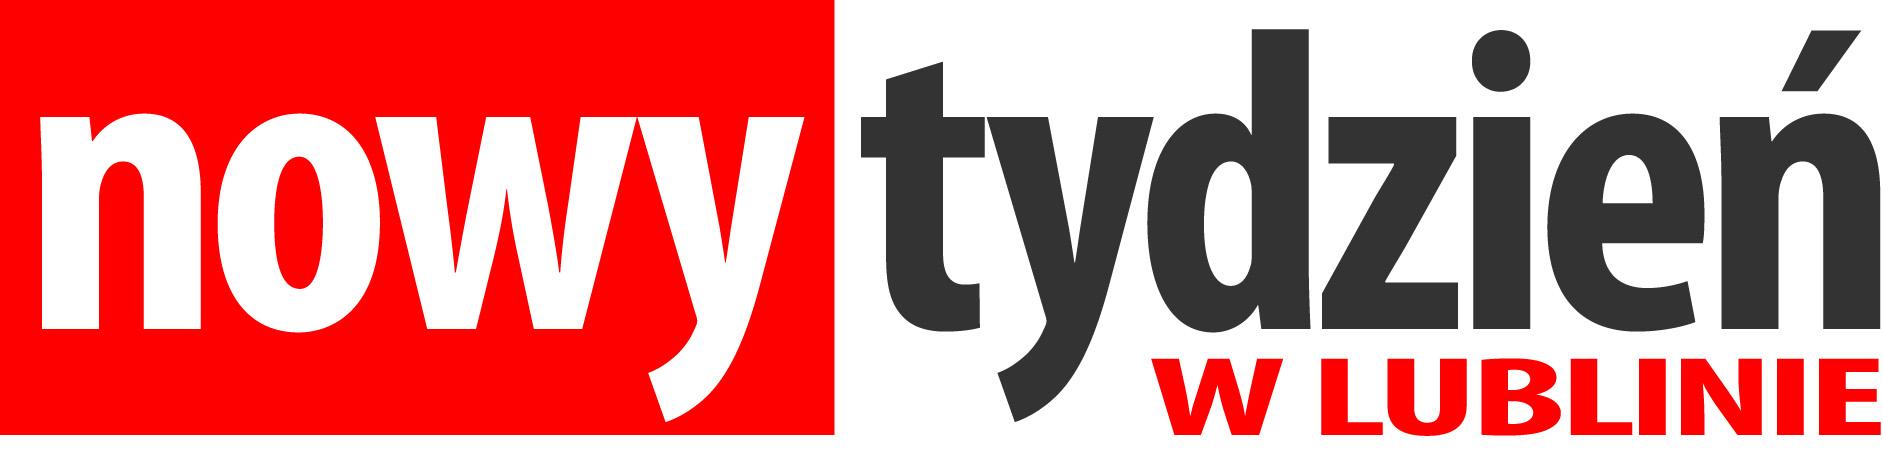 nowy tydzien logo